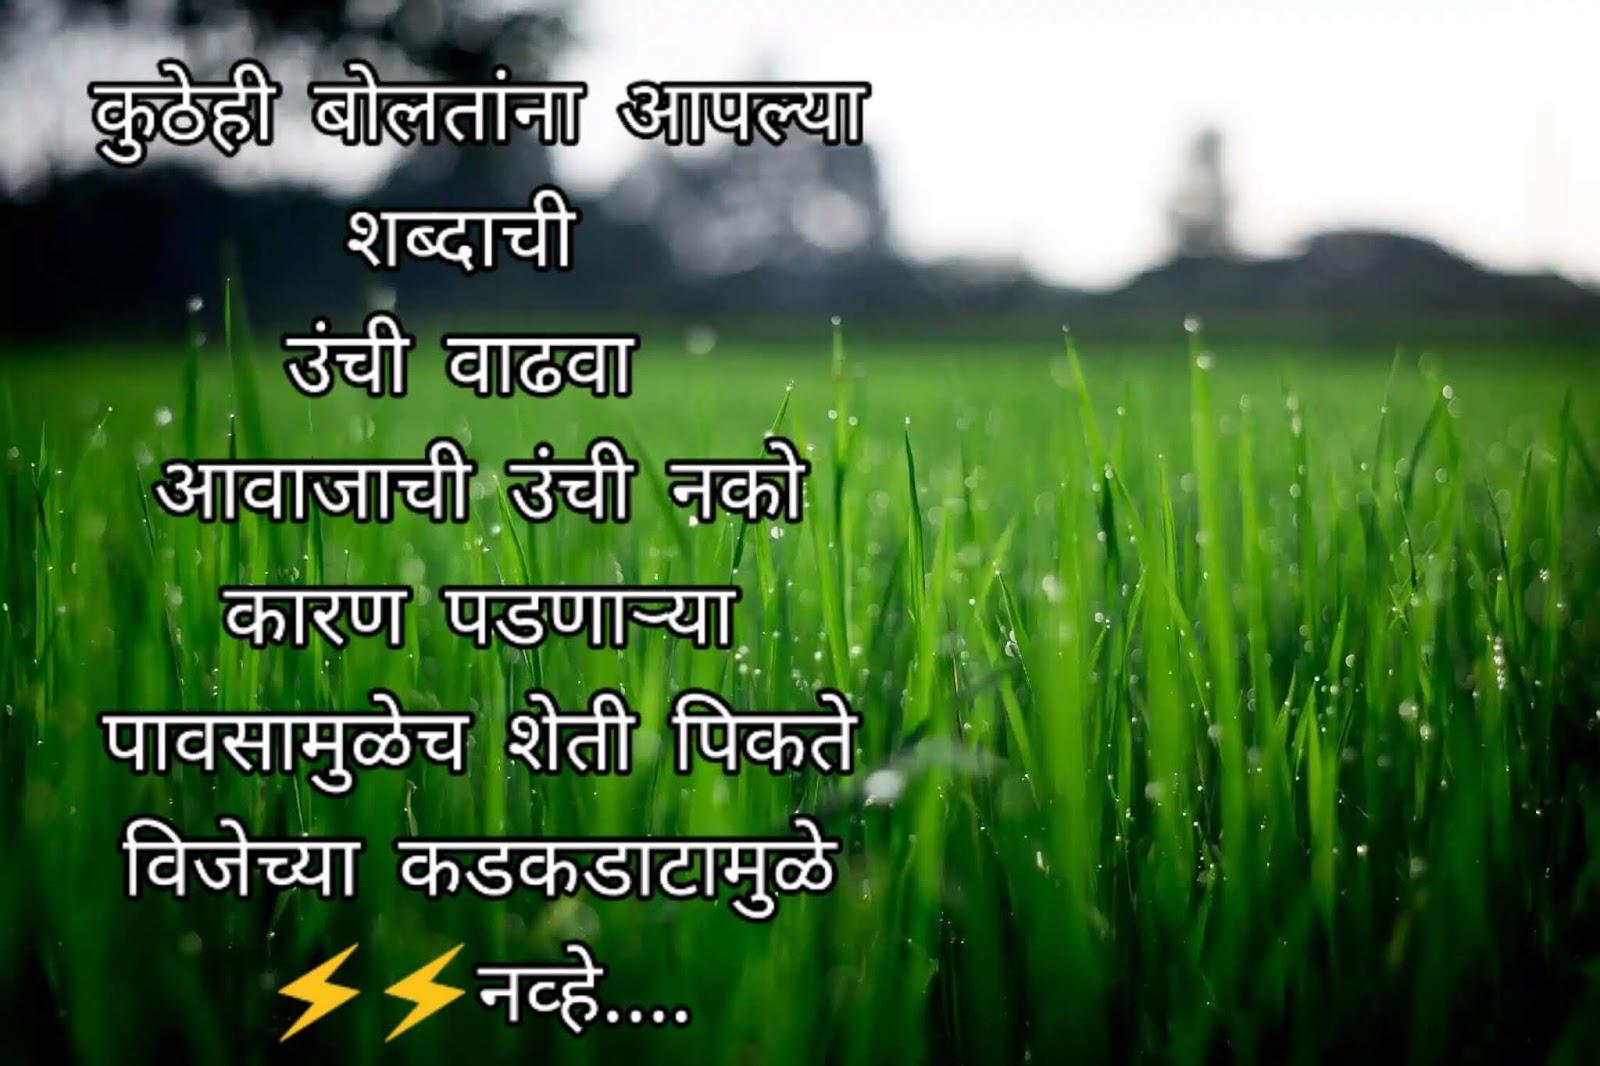 ,marathi quotes on beauty